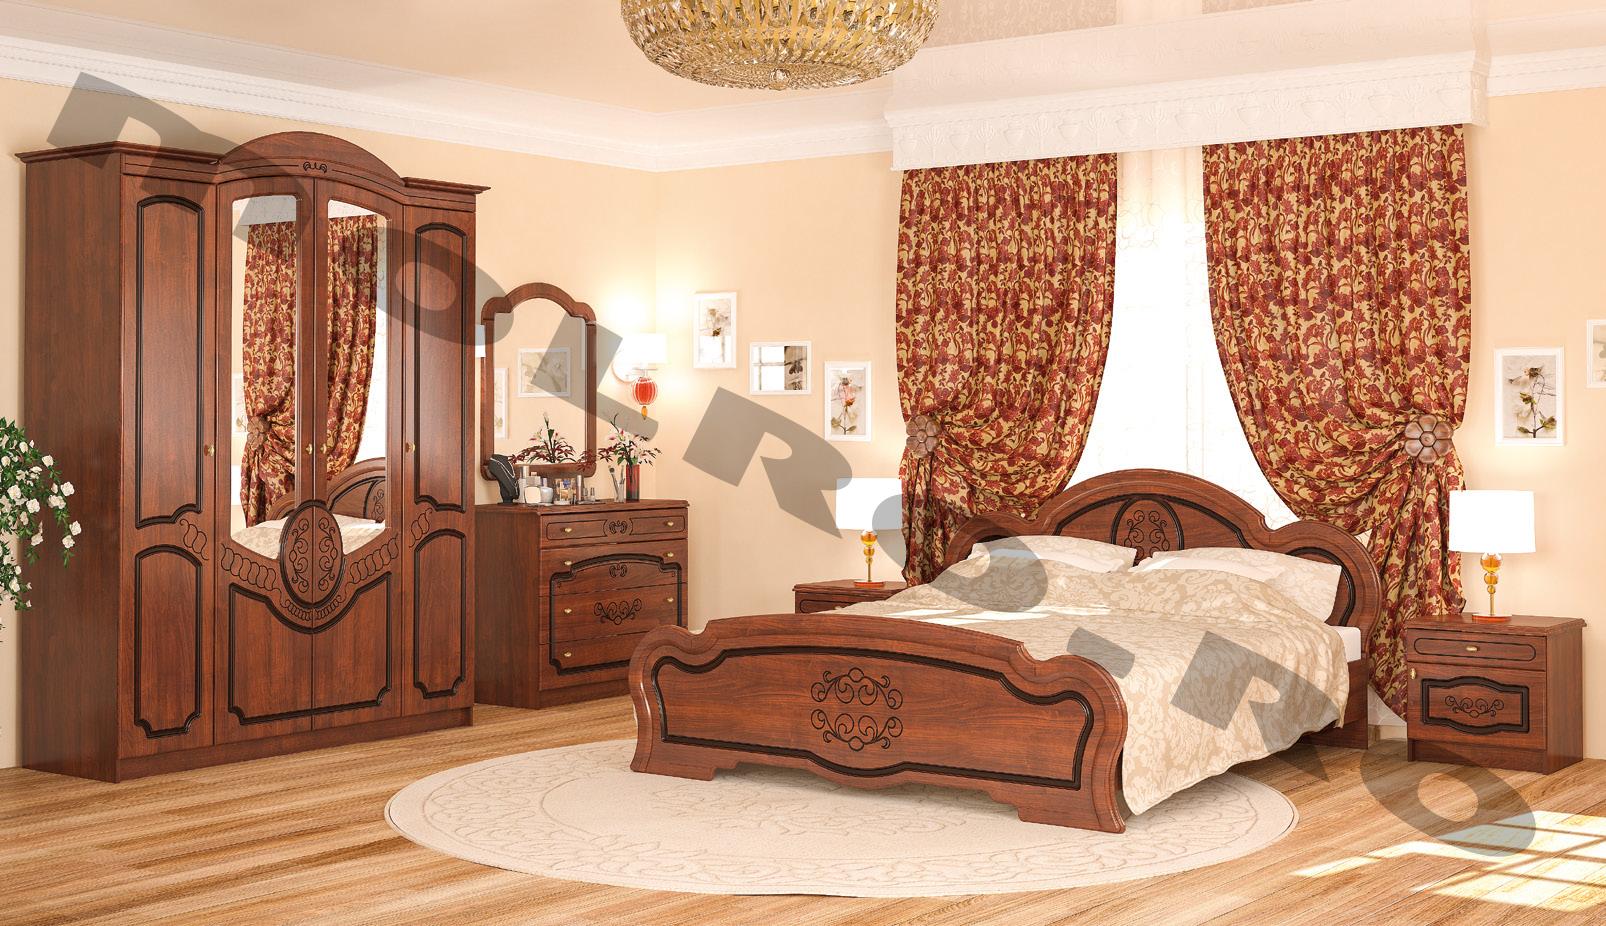 dormitor seria baroc (1)